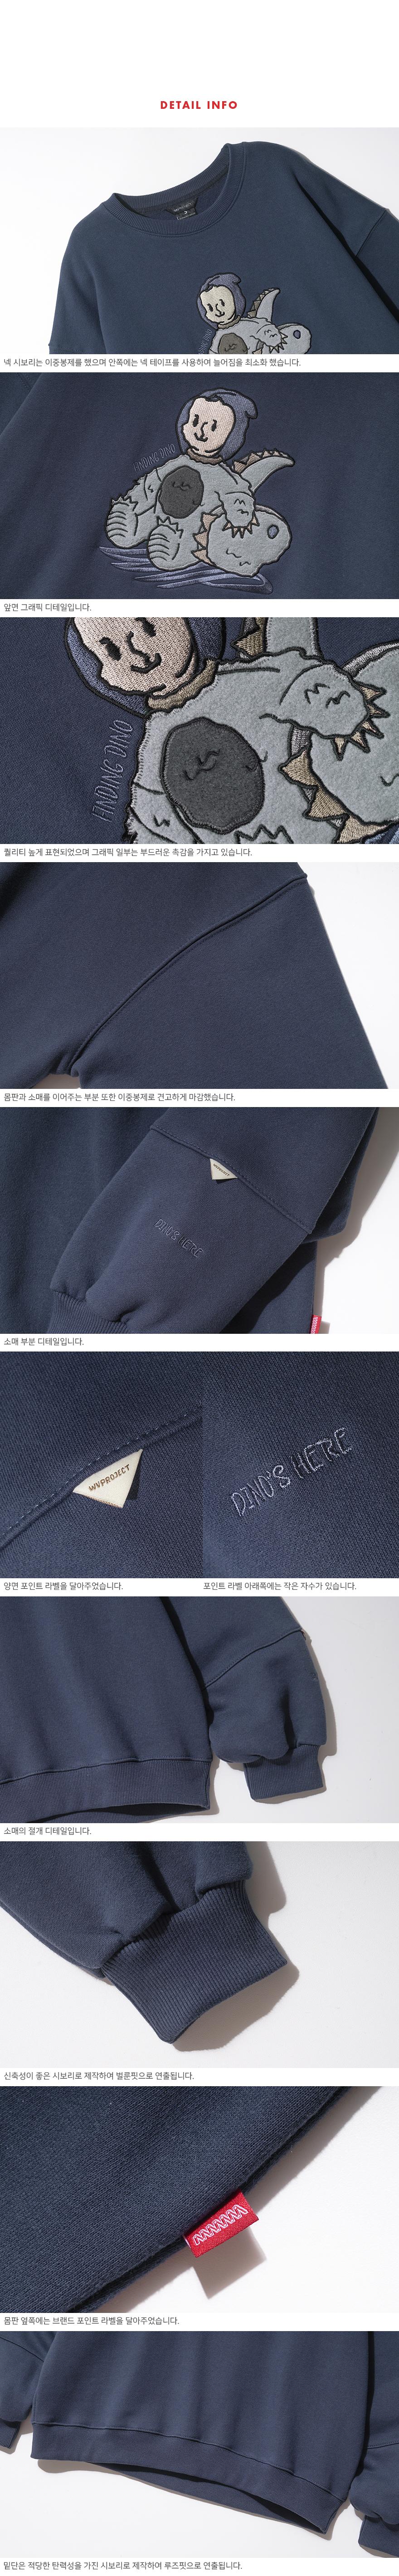 JIMT7538_detail_navy_ji.jpg